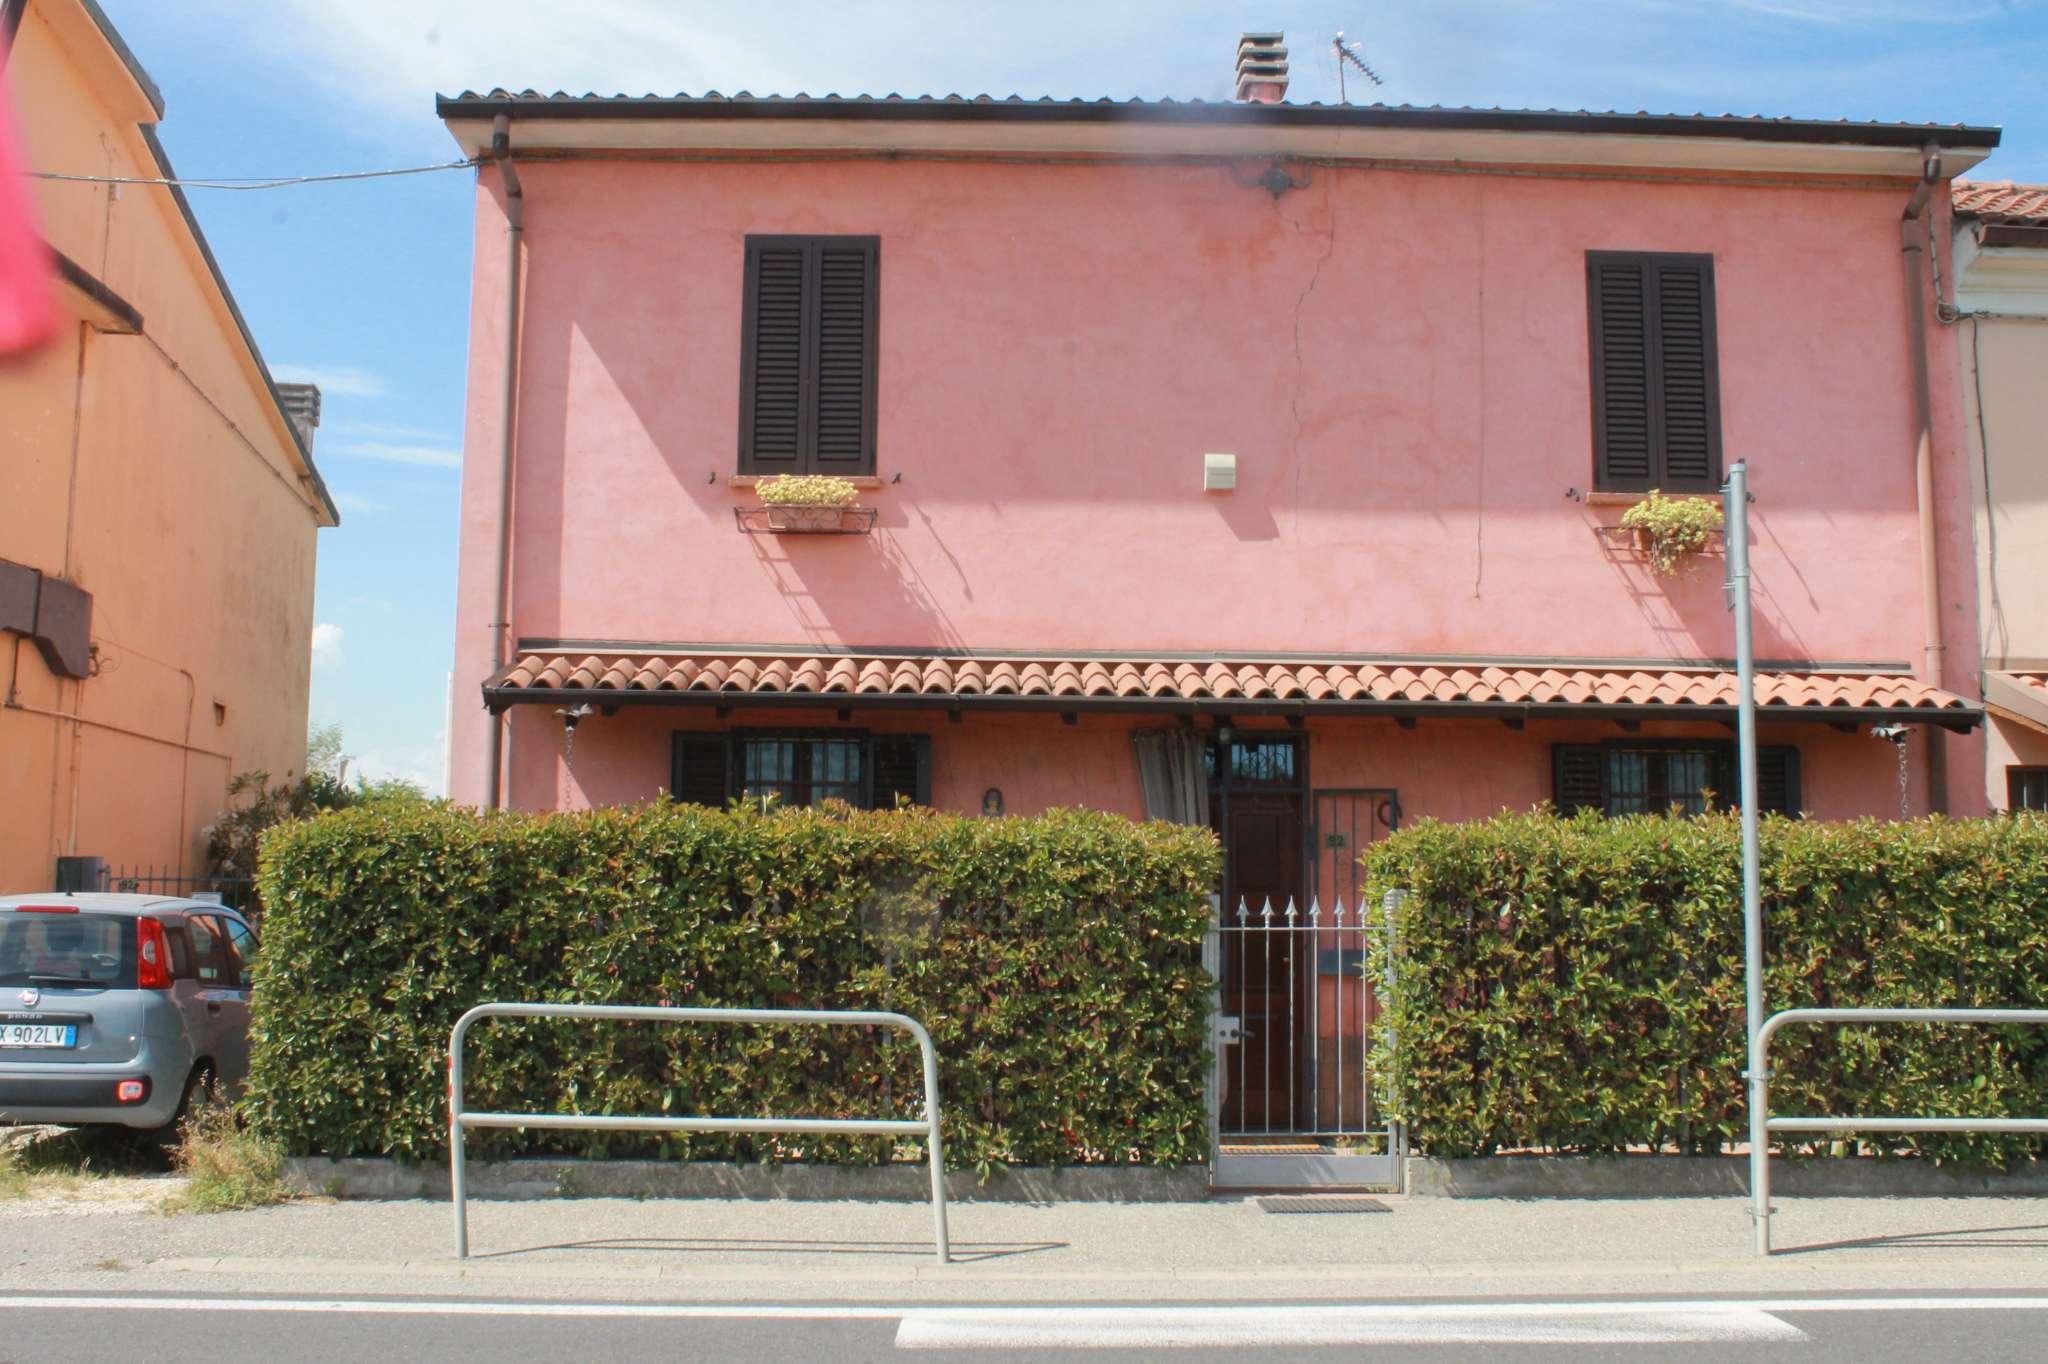 Soluzione Indipendente in vendita a Pieve Albignola, 5 locali, prezzo € 99.000   PortaleAgenzieImmobiliari.it